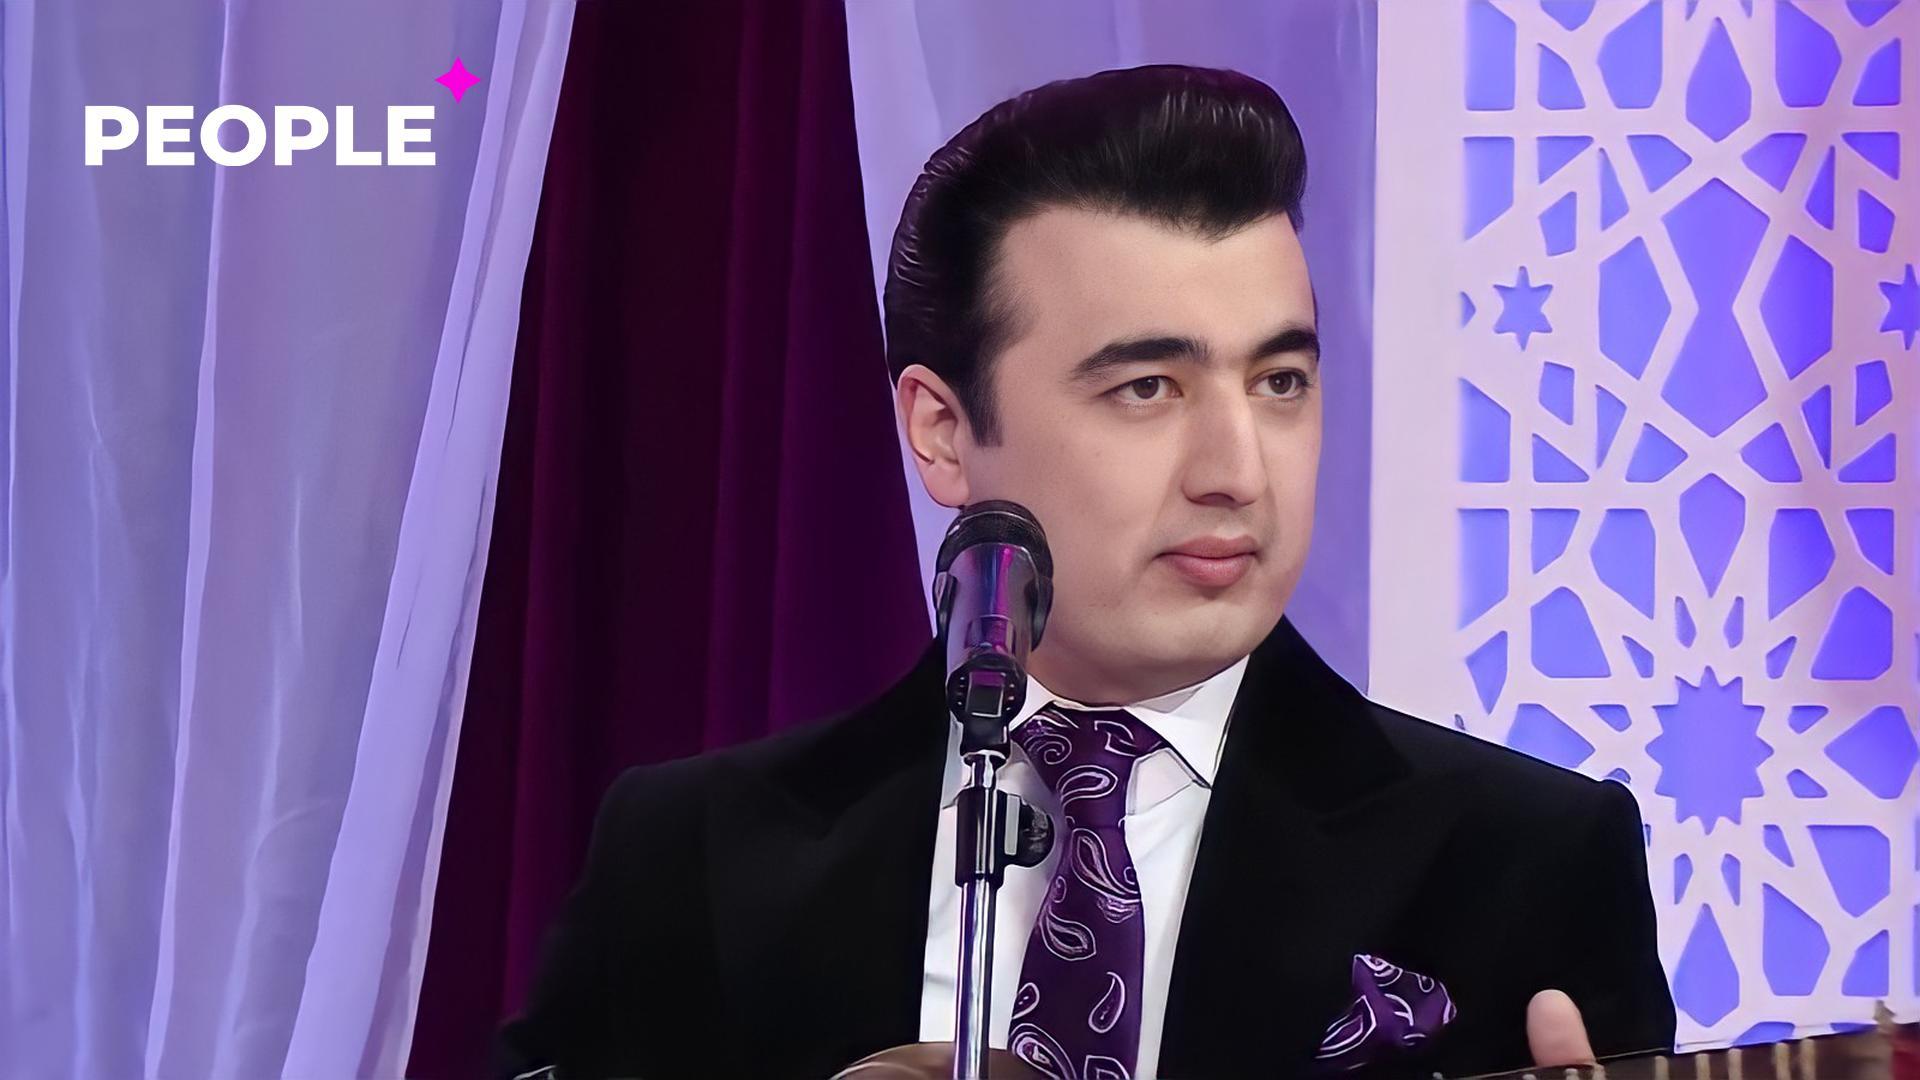 Певец Шохджахон Джураев написал песню, посвященную хейтерам